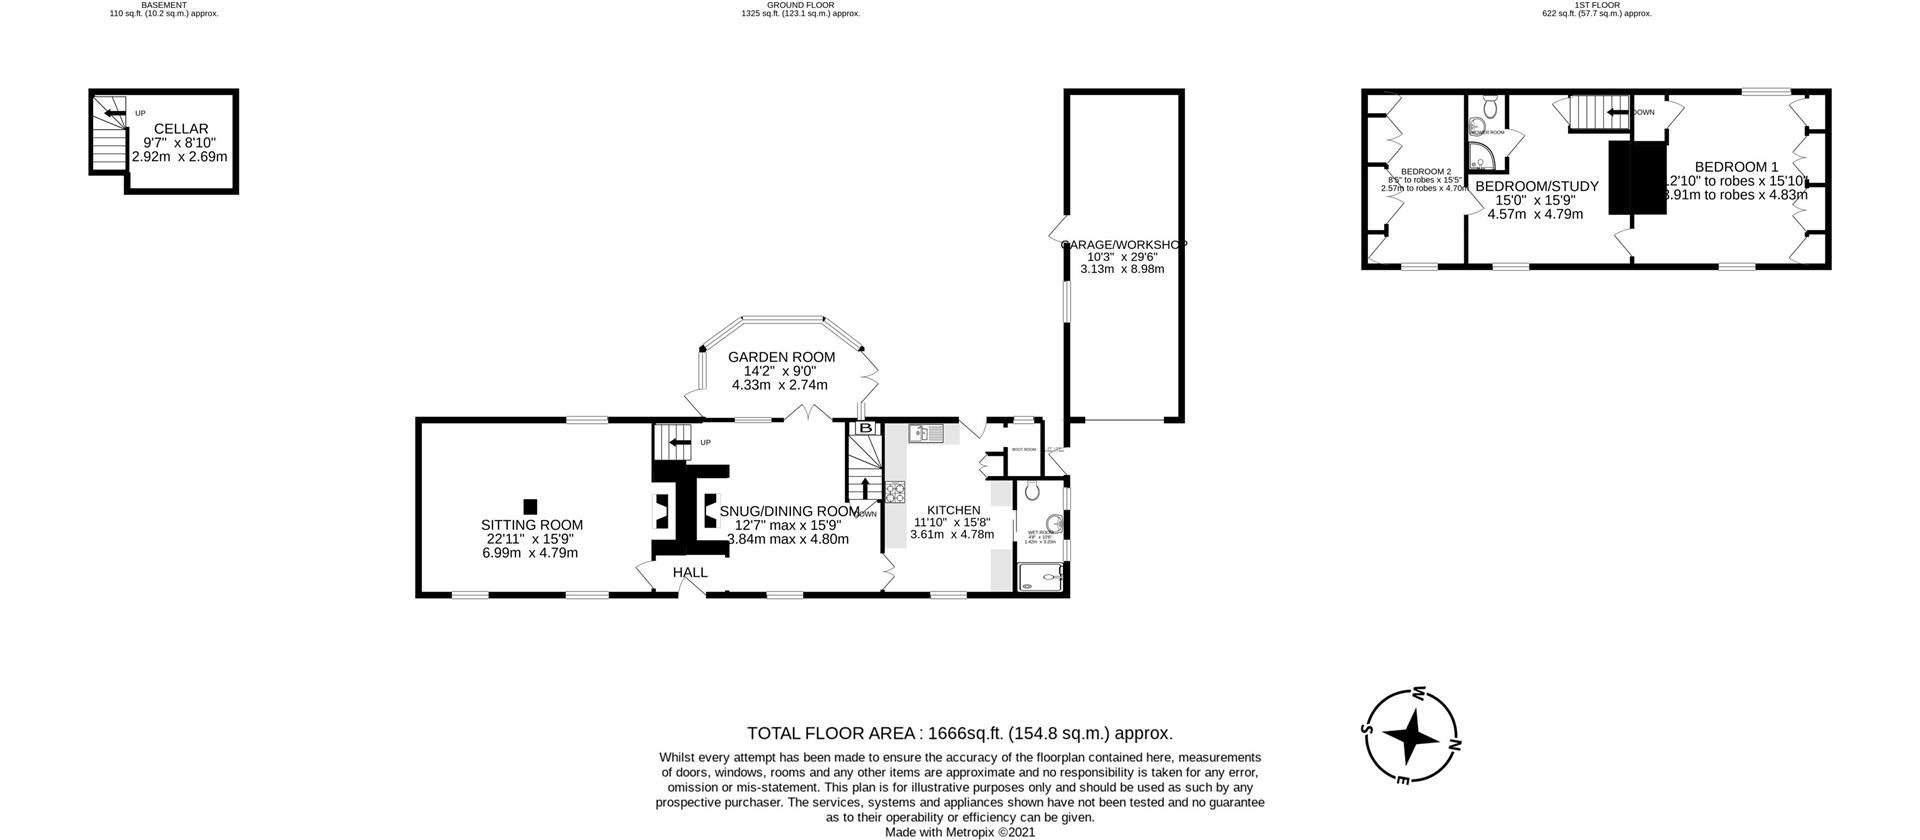 4schoolroadkibworth-floorplan.jpg